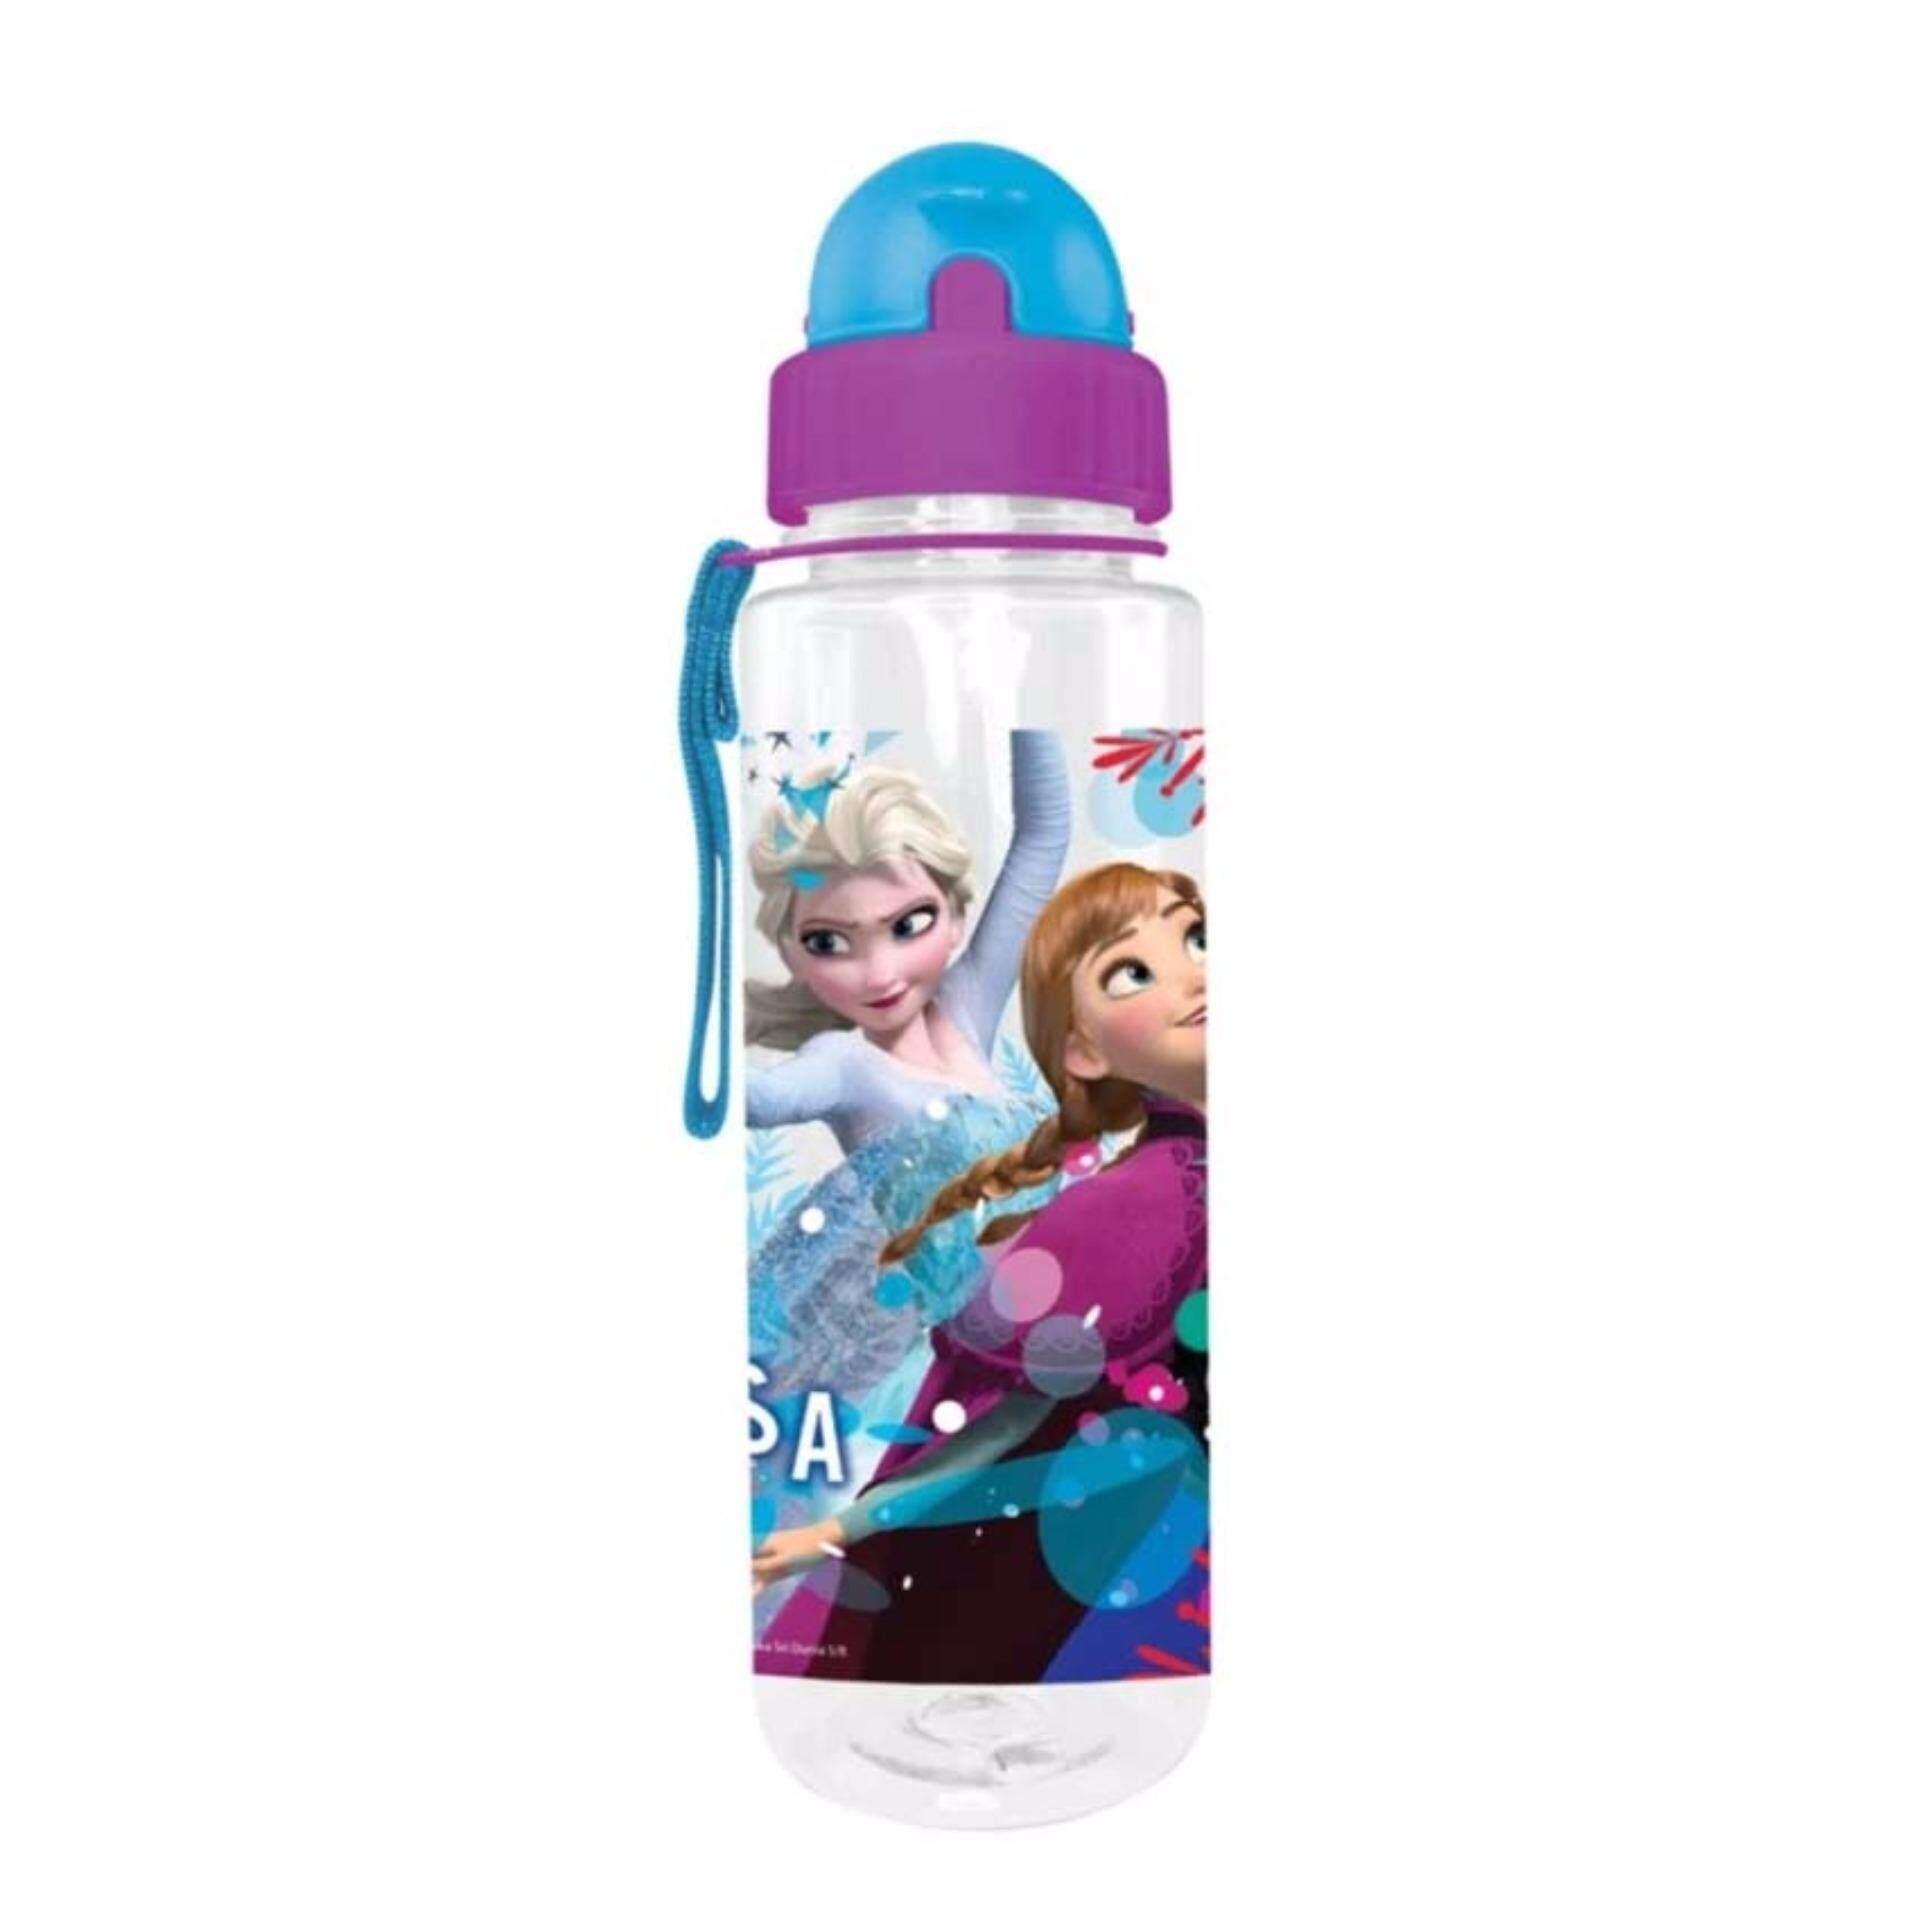 Back To School : Disney Princess Frozen School 7 In 1 Bundle Deals